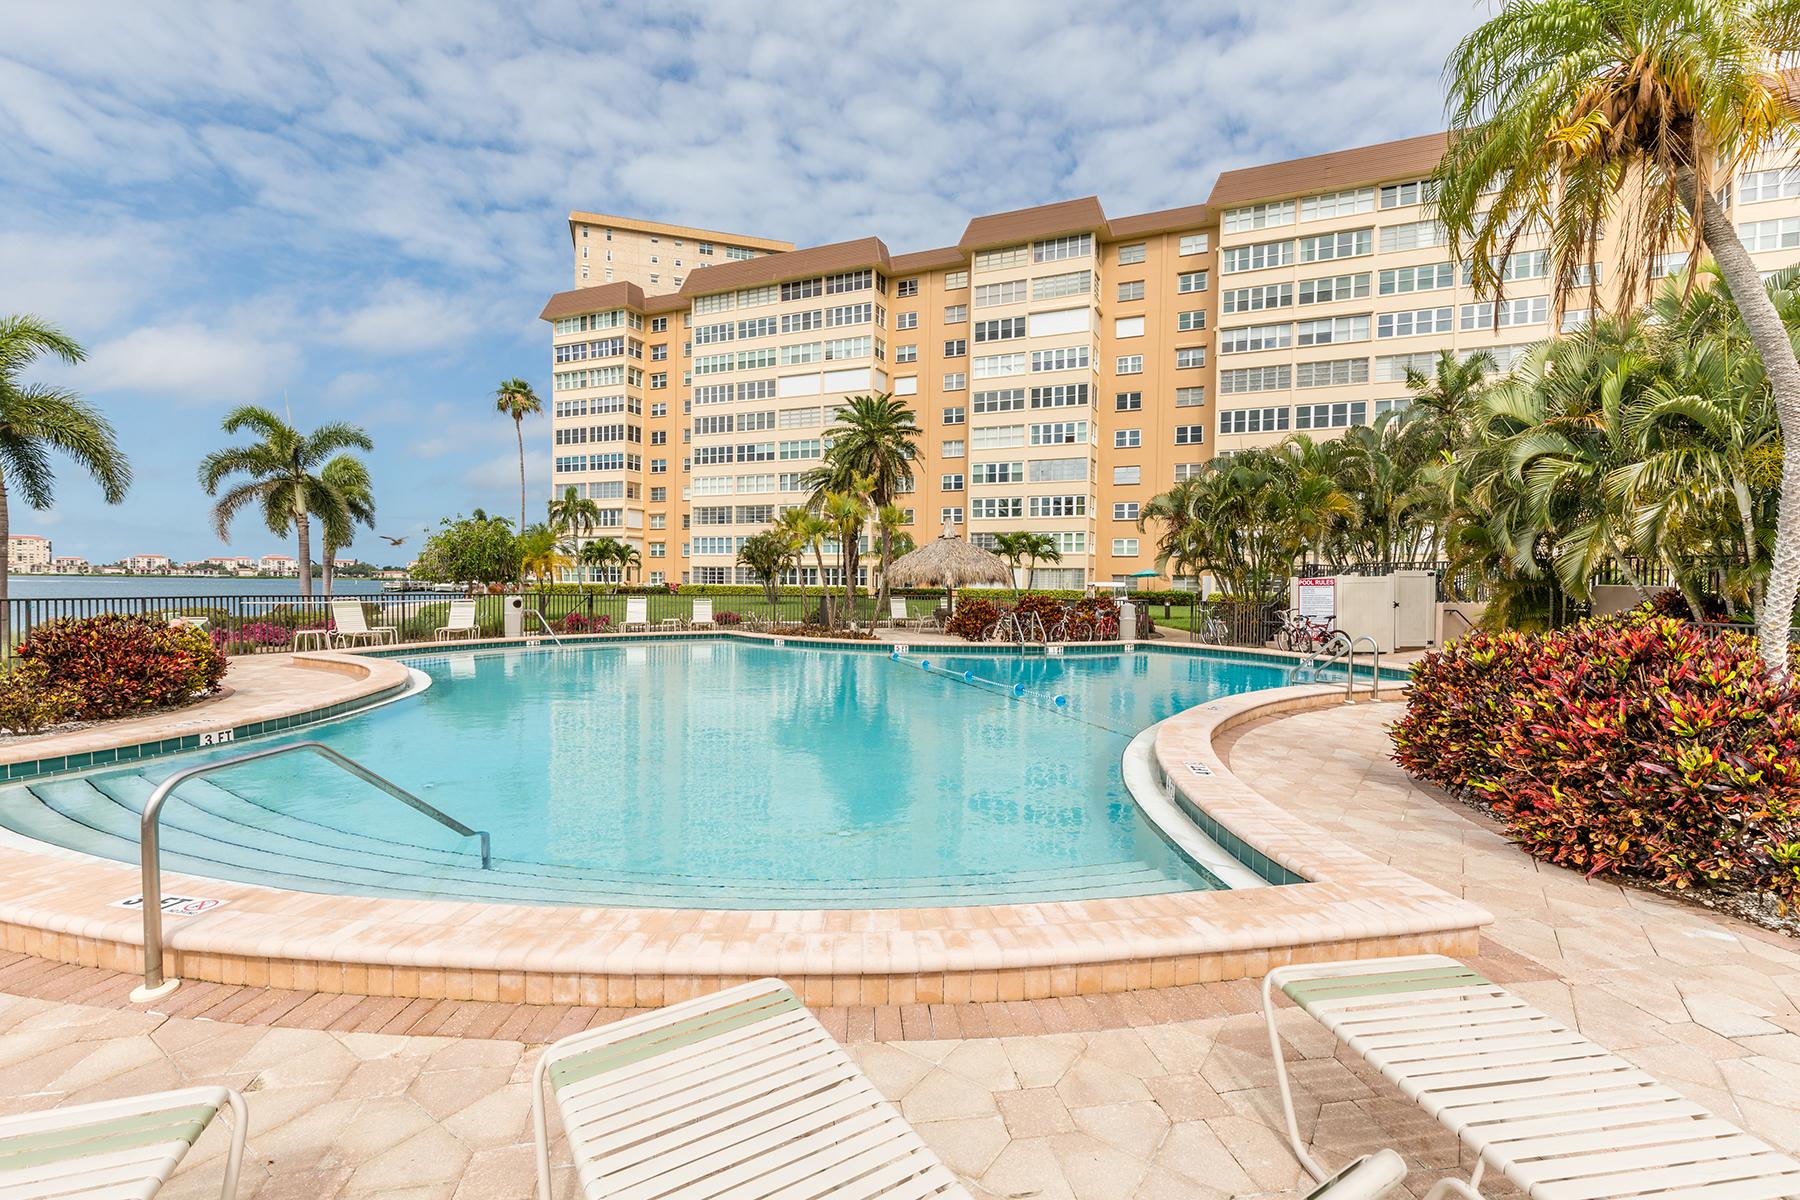 Nhà chung cư vì Bán tại ST. PETERSBURG 5130 Brittany Dr S 707, St. Petersburg, Florida 33715 Hoa Kỳ